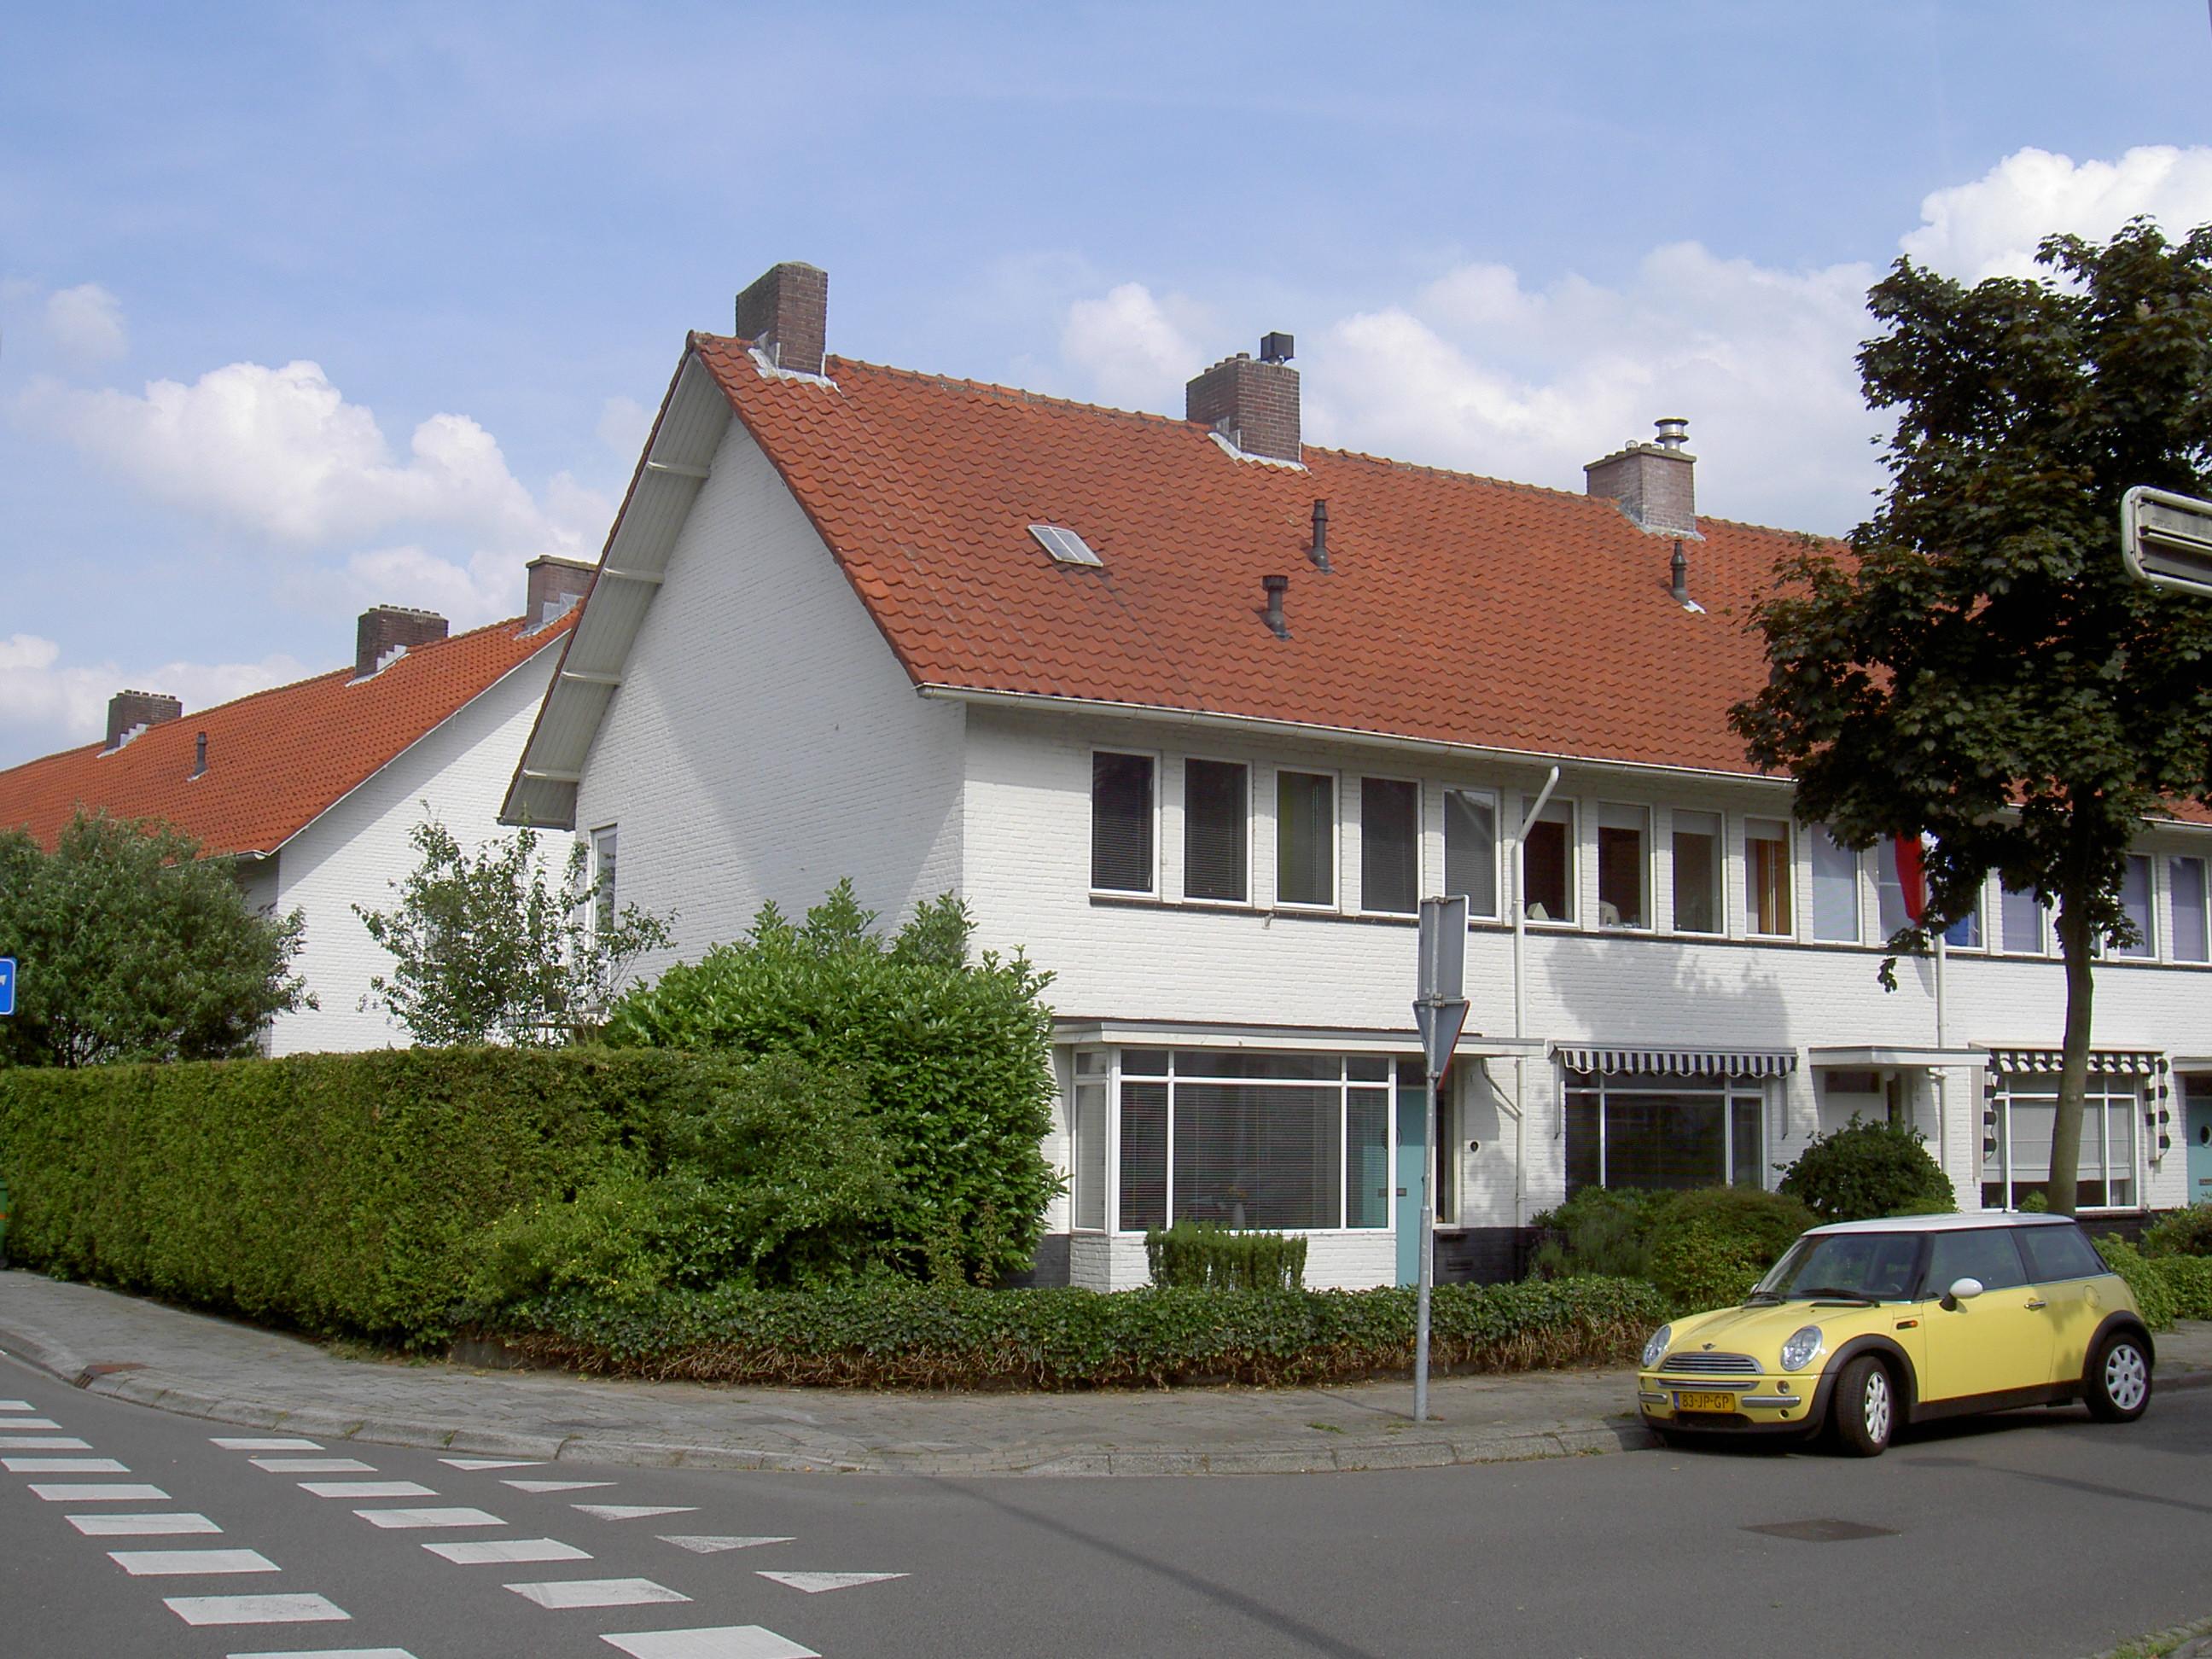 Voorzijde Burghstraat - Onderkeldering woonhuis Witte Dorp, Eindhoven - BEELEN CS architecten Eindhoven